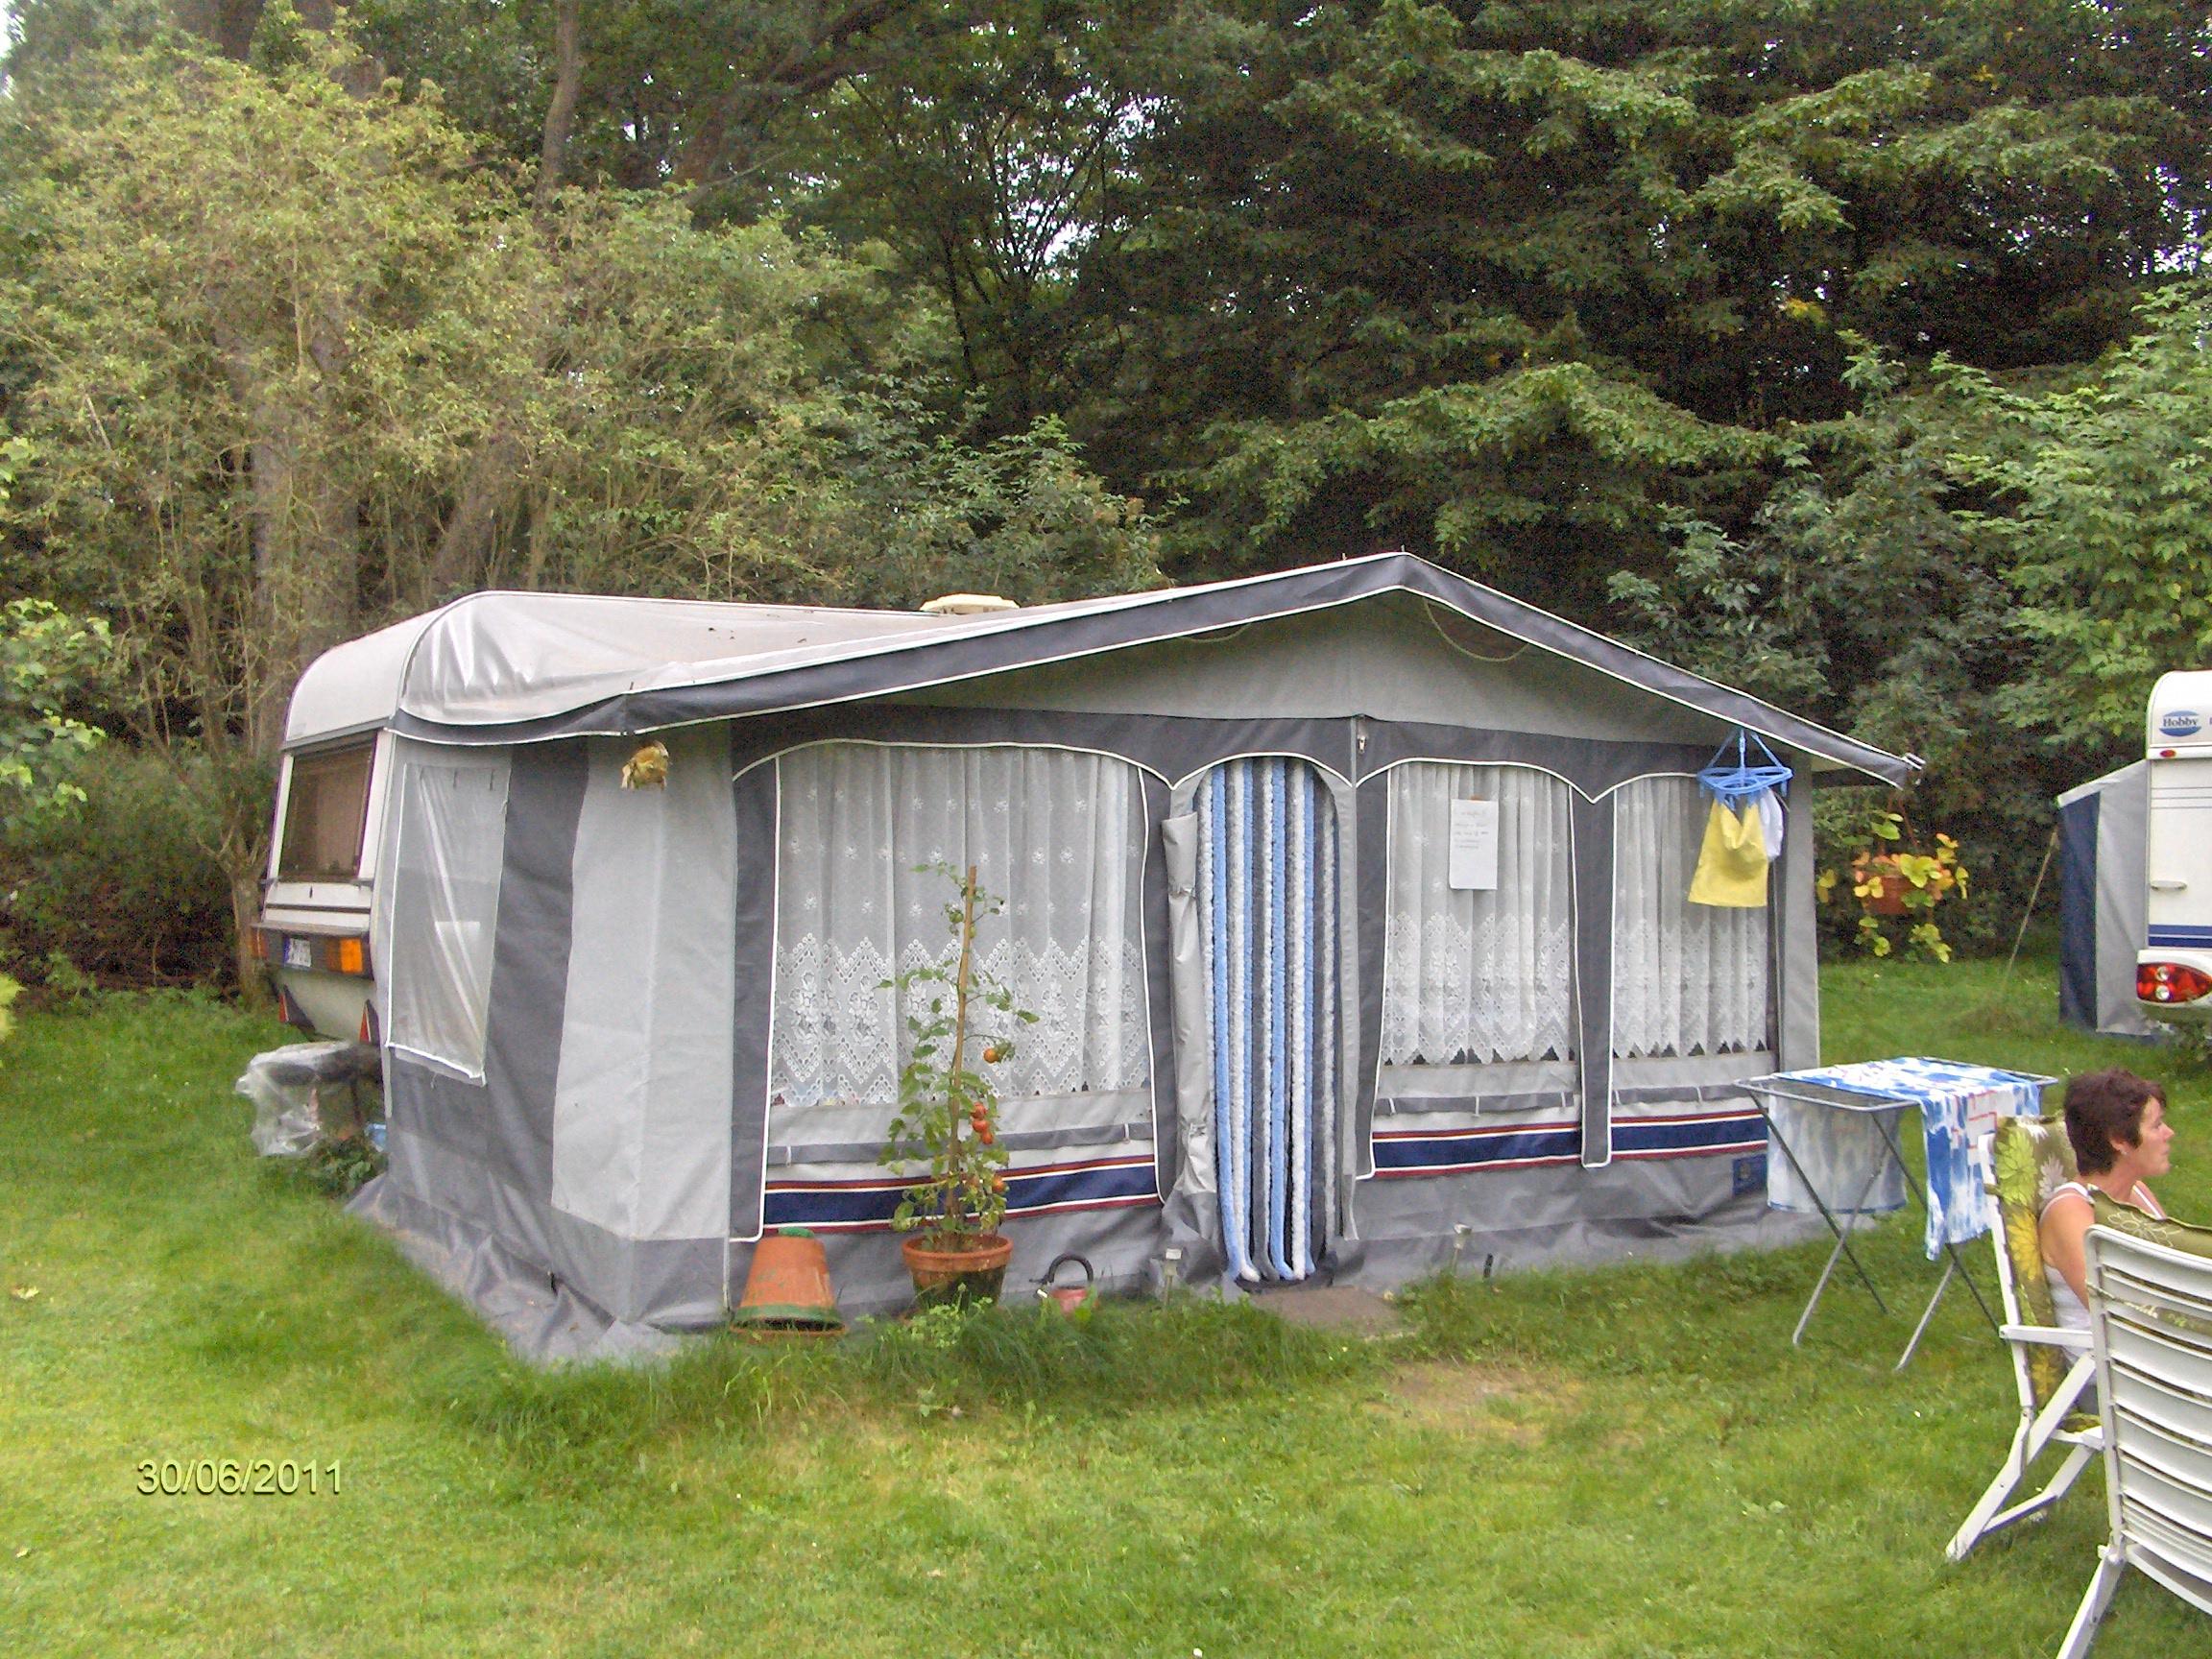 camping kleinanzeigen in berlin seite 3. Black Bedroom Furniture Sets. Home Design Ideas